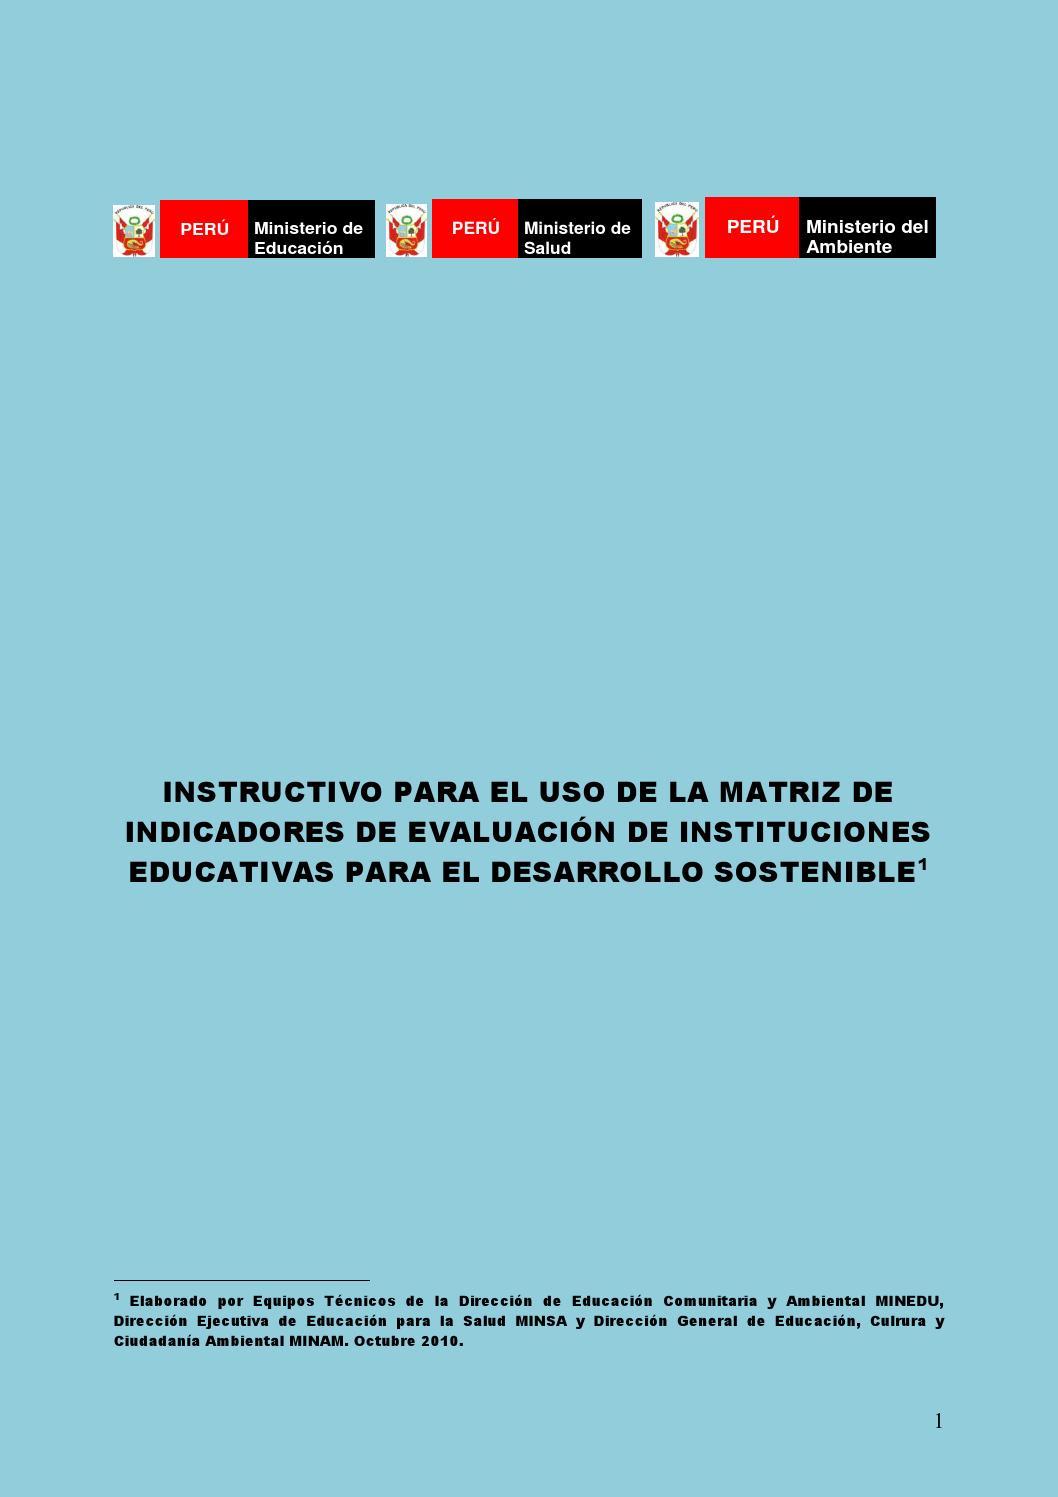 Instructivo Para El Uso Matriz De Indicadores De Evaluacion De Instituciones Educativas By Crispin Del Valle Issuu